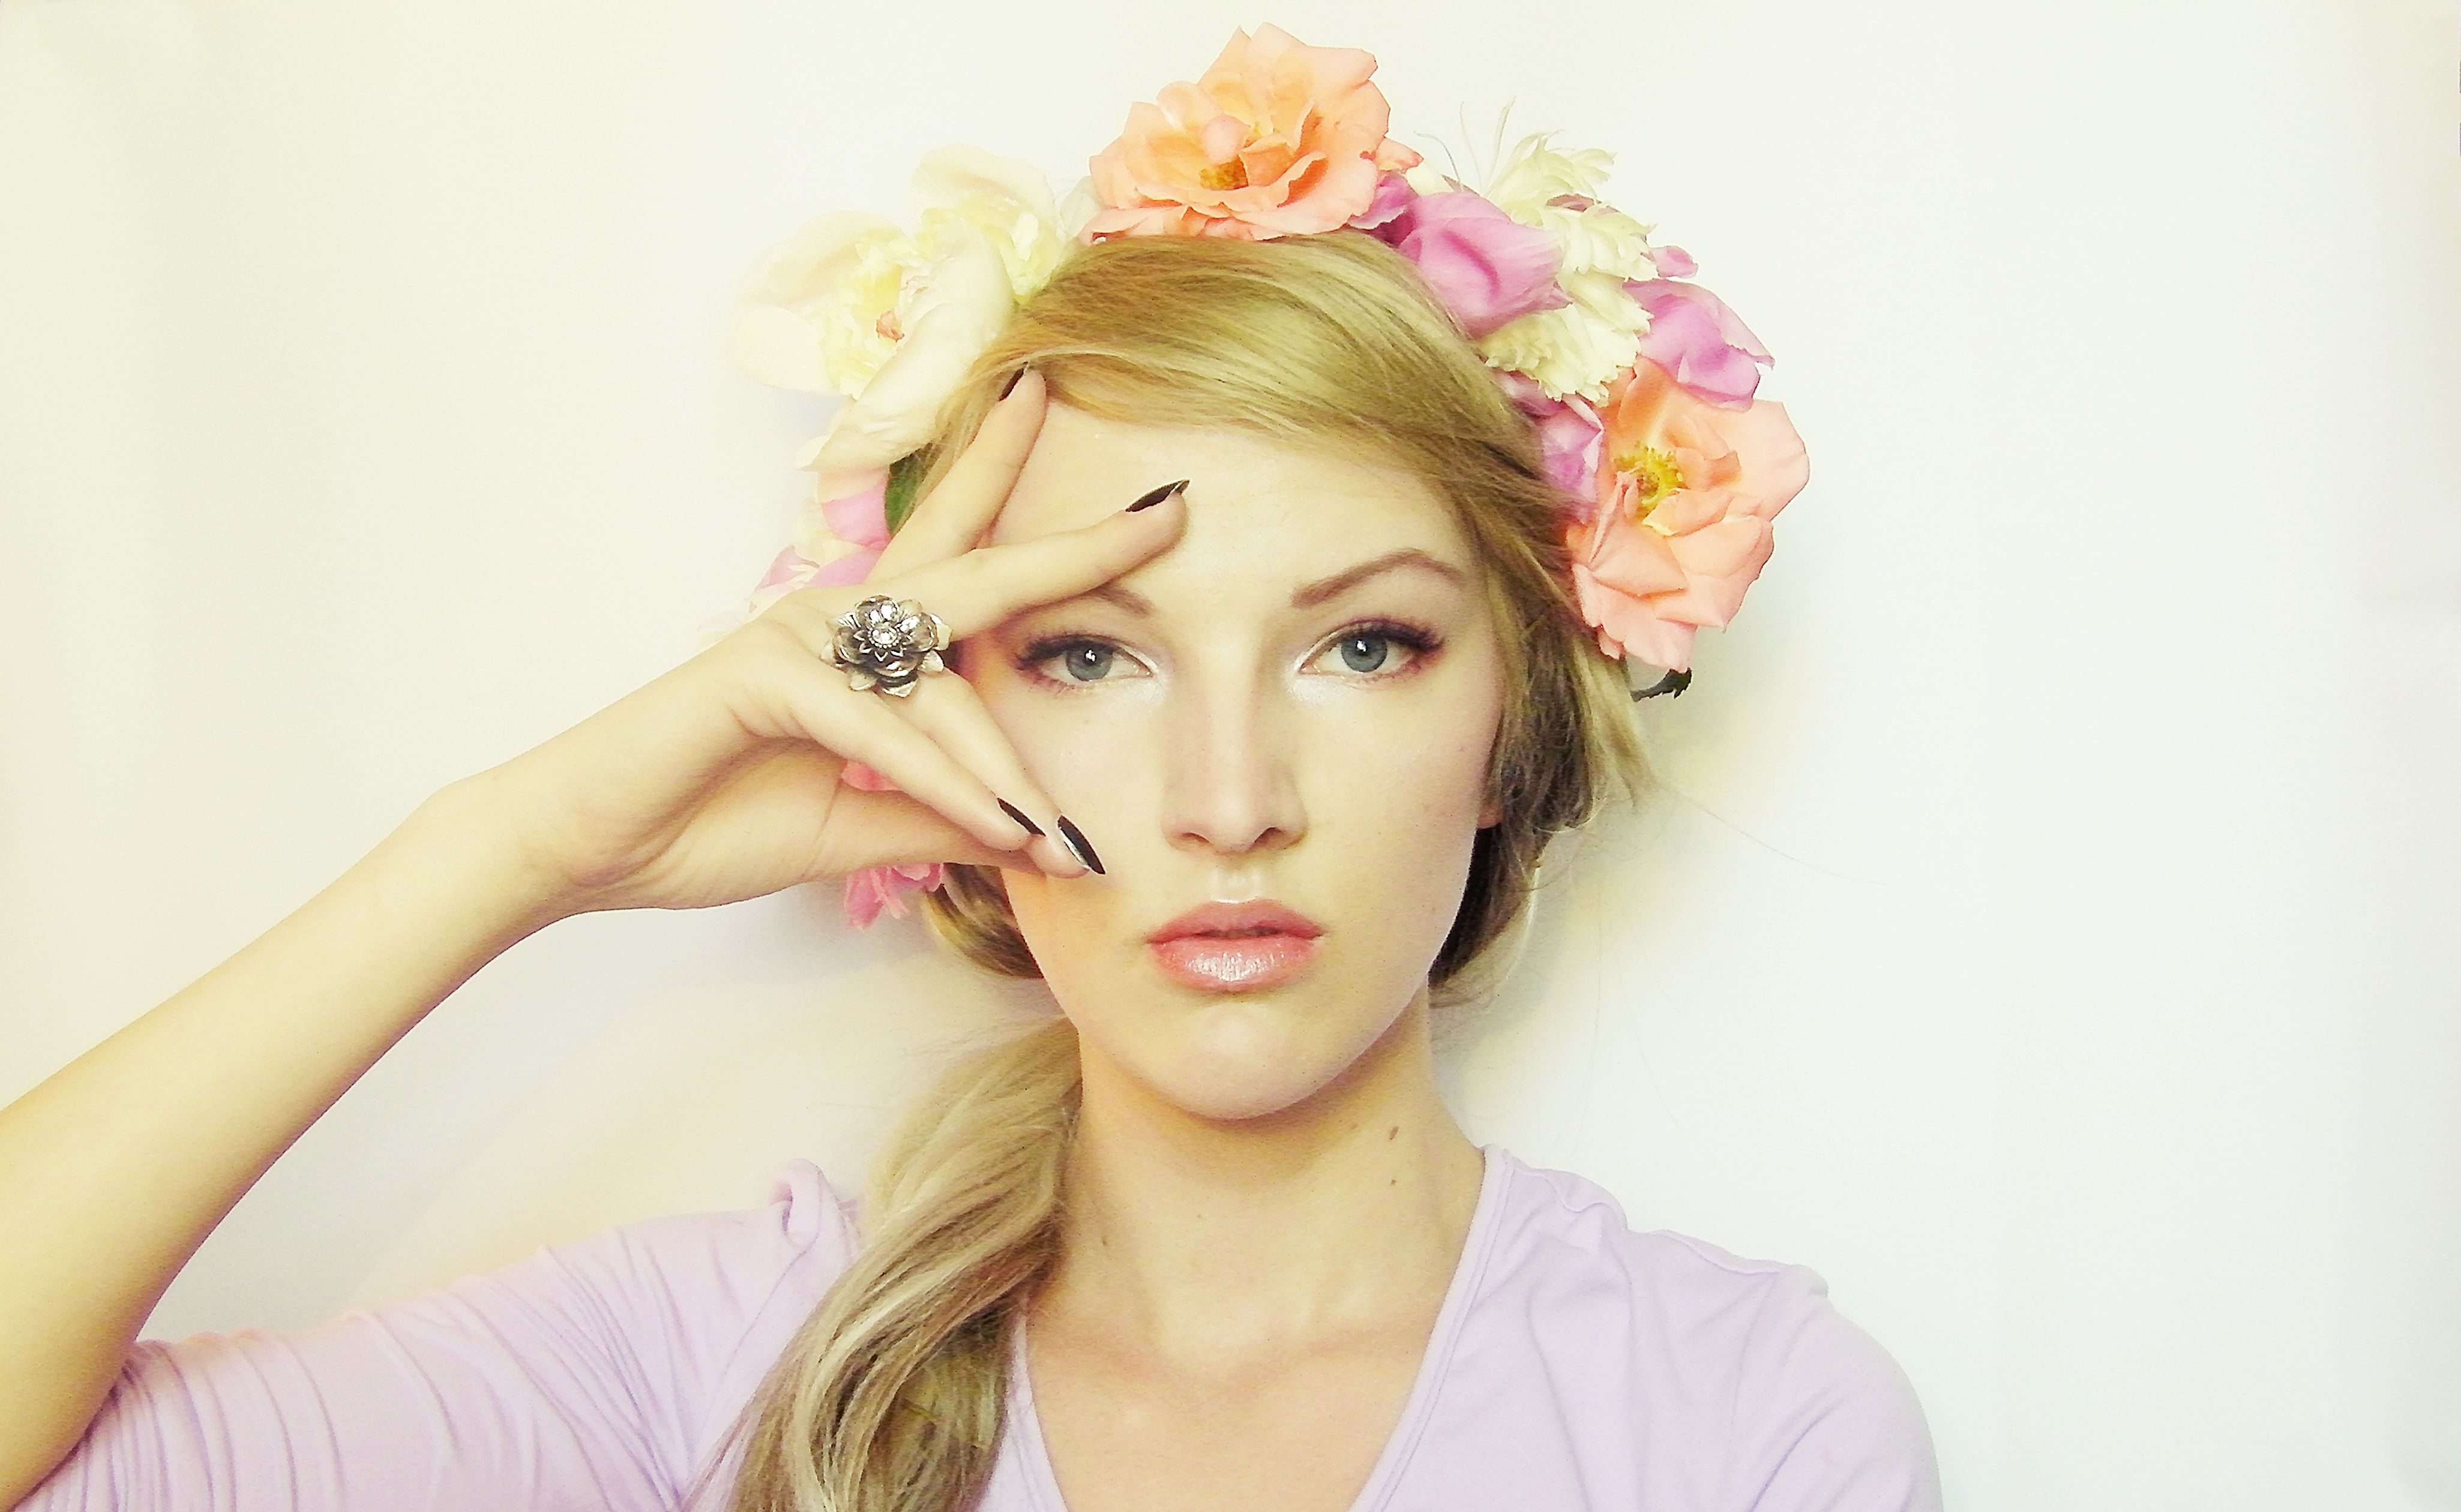 LEE HI (이하이) ROSE makeup Rose makeup, Asian style, Makeup